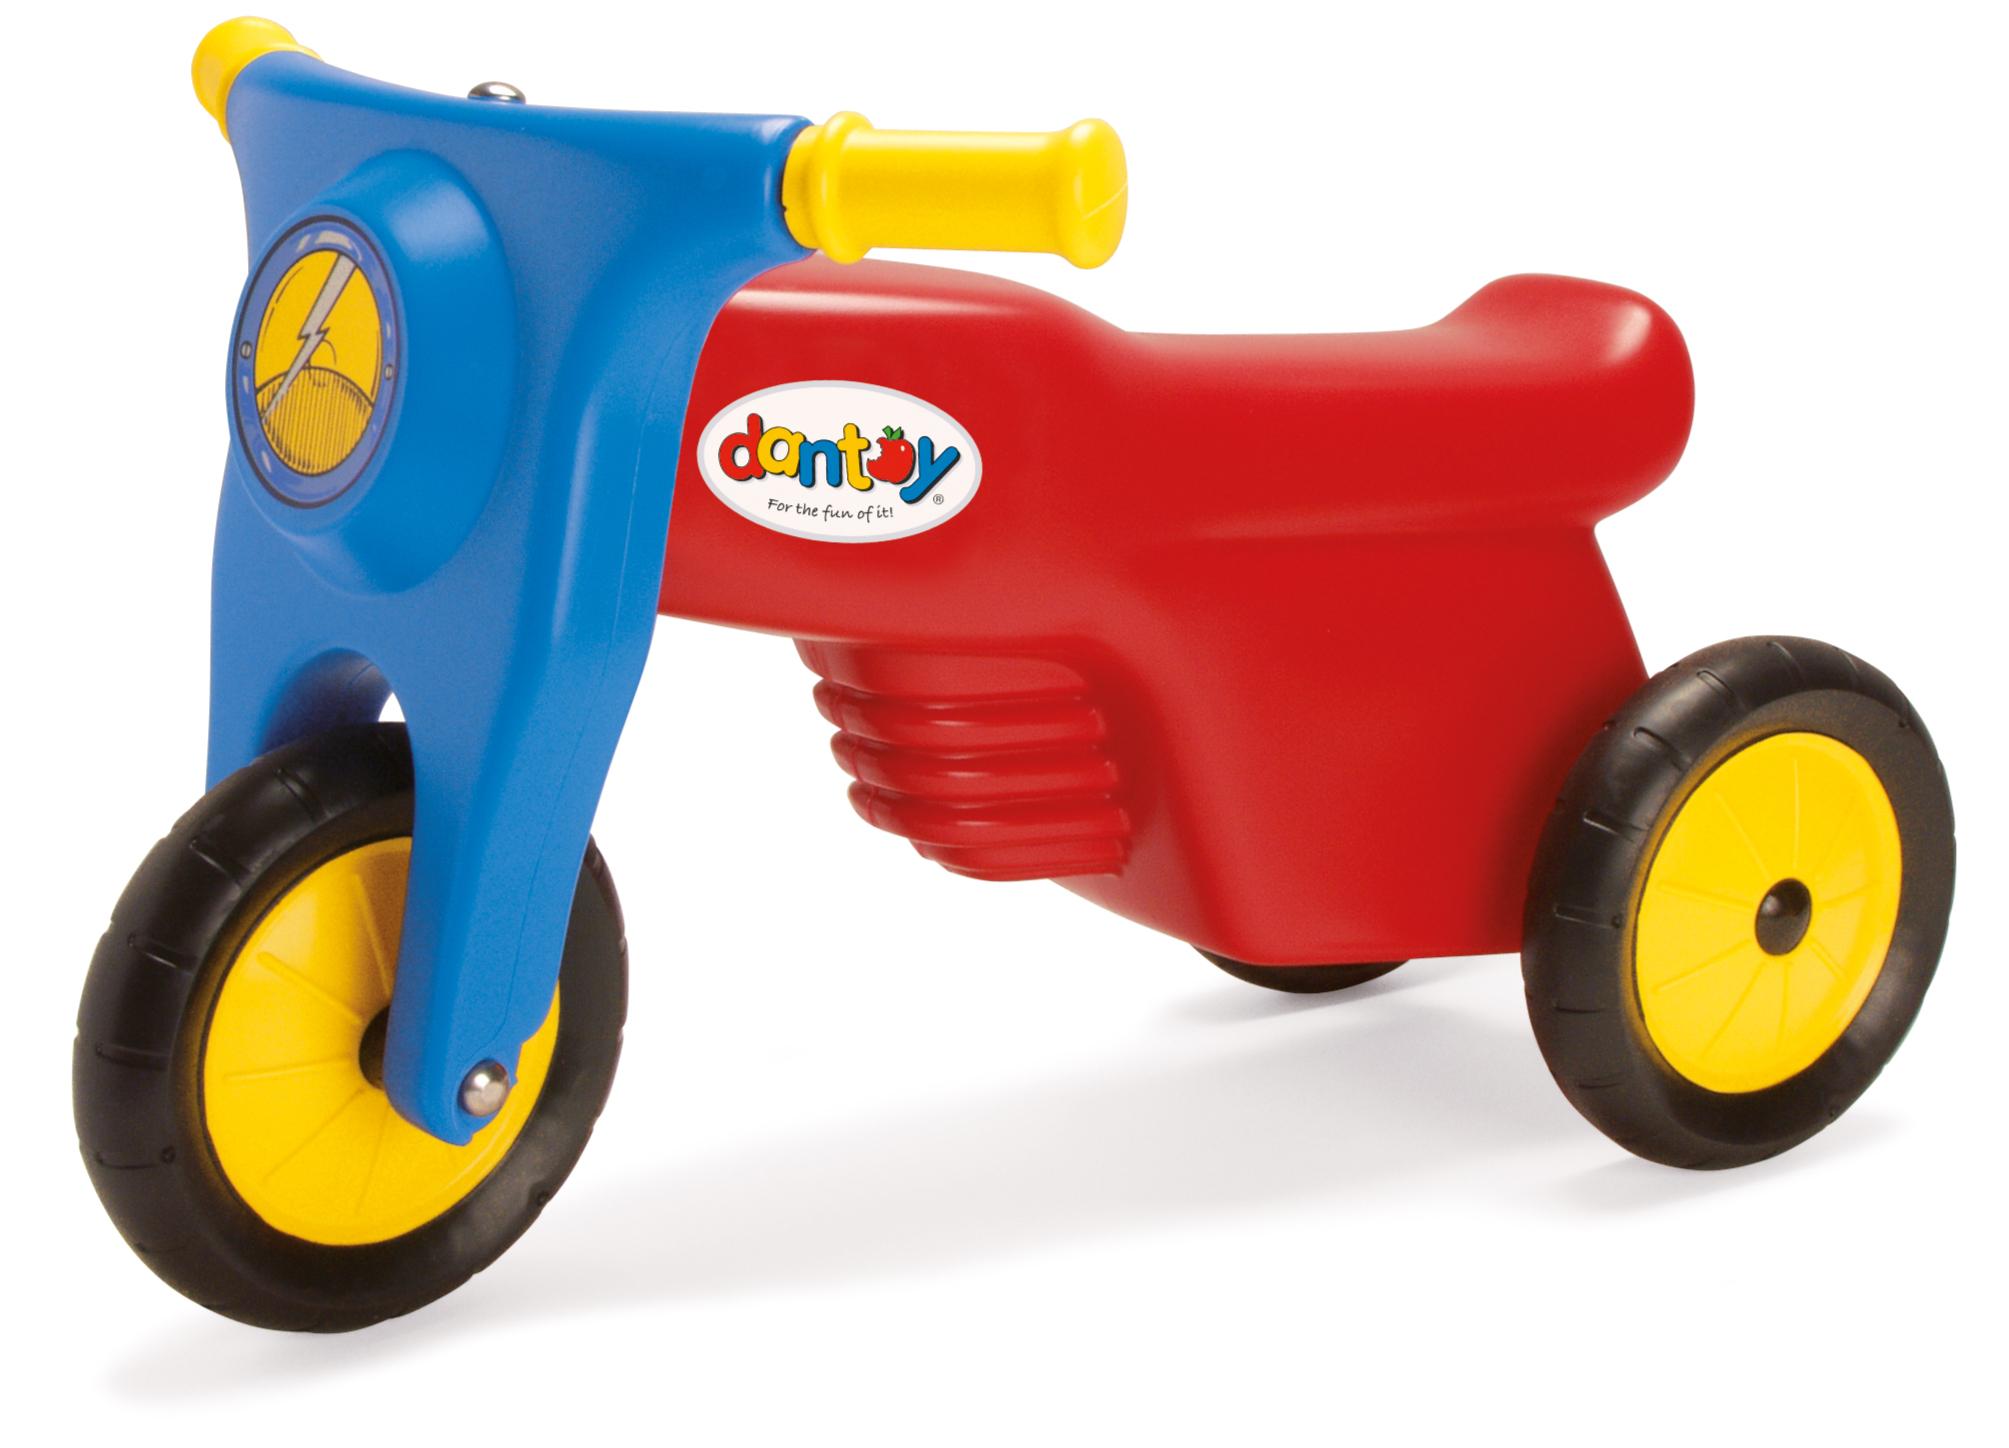 dantoy jouet bio plastique écologique écolabel moto scooter classique